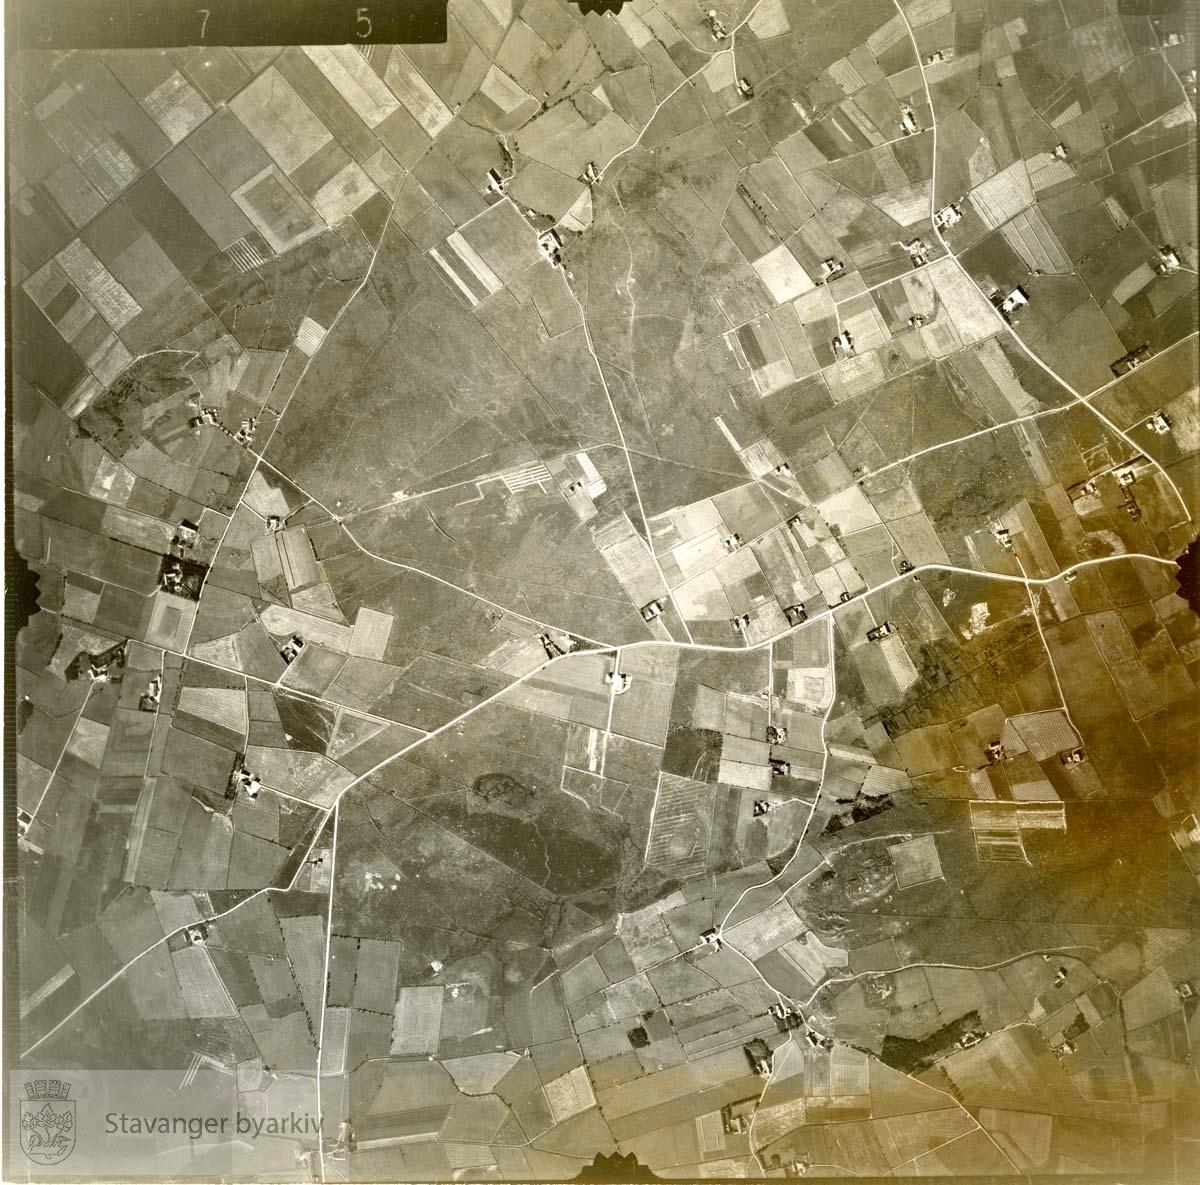 Jfr. kart/fotoplan C15/375..Se ByStW_Uca_002 (kan lastes ned under fanen for kart på Stavangerbilder)